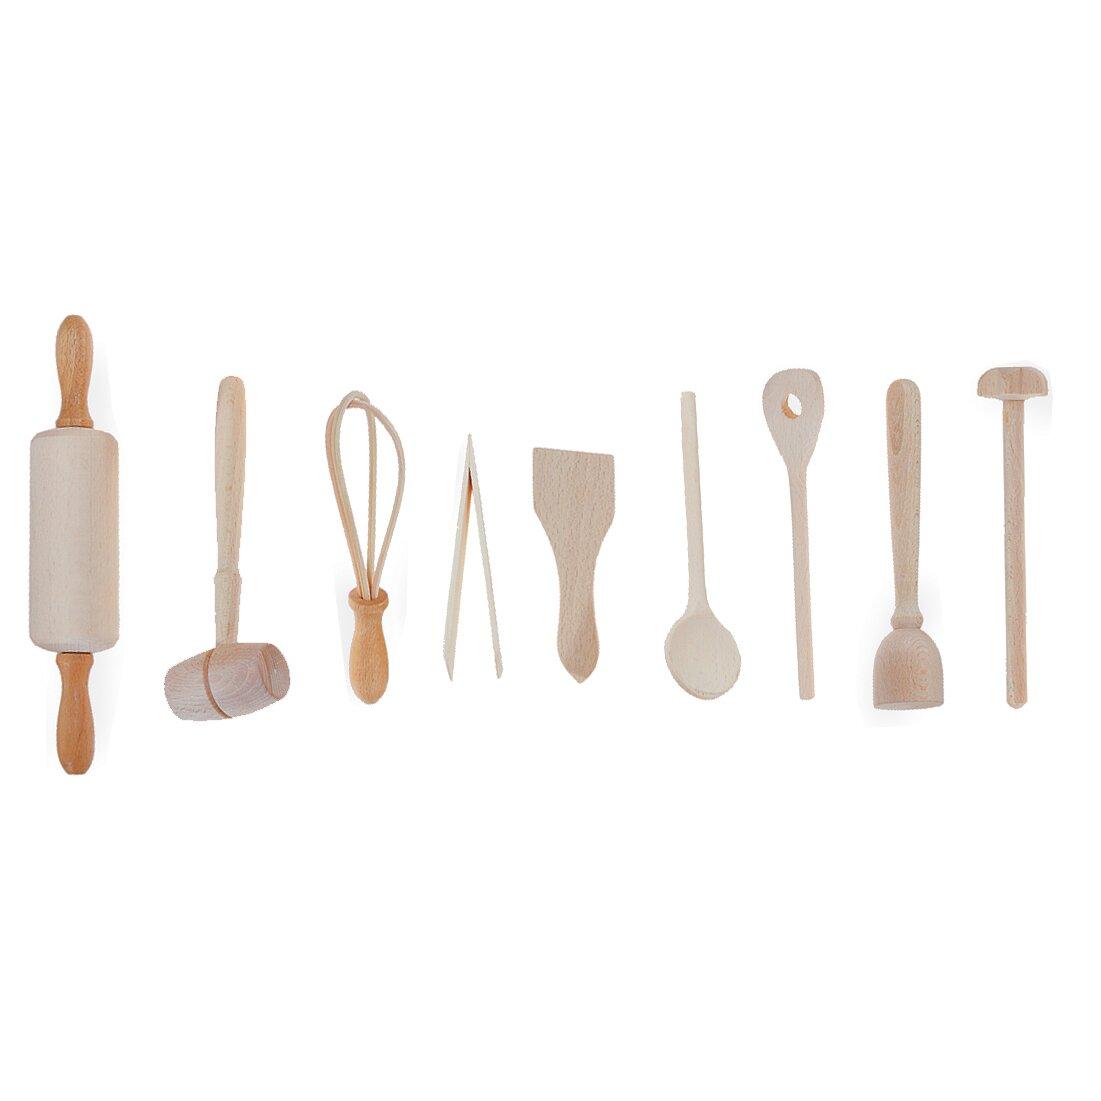 Fox run craftsmen 9 piece kids kitchen utensil set for Kitchen set utensils